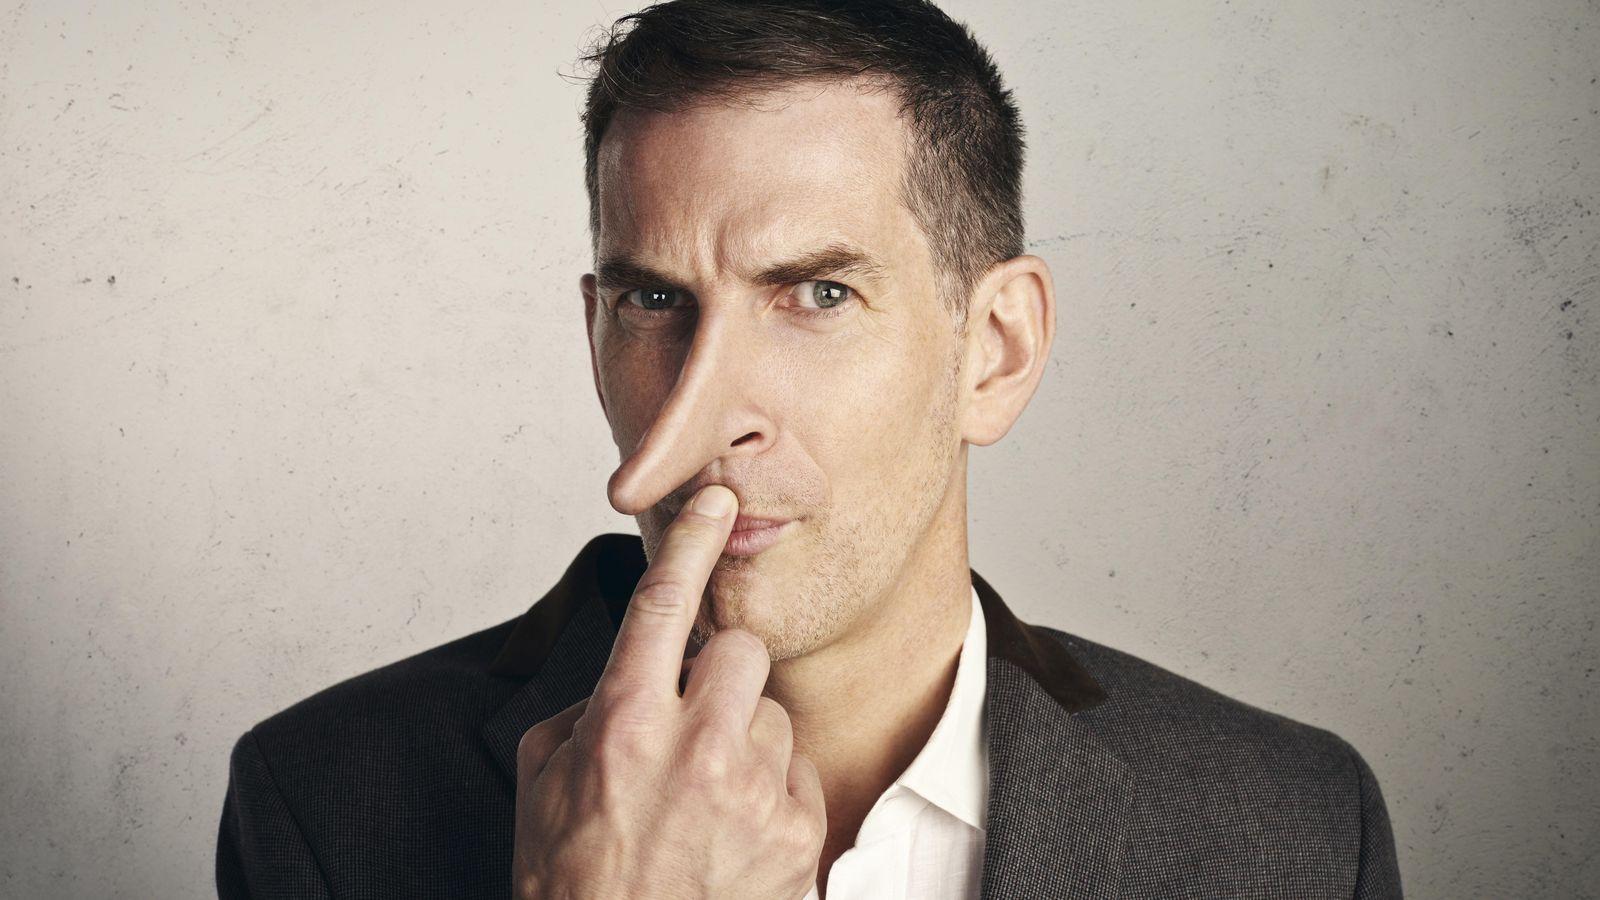 Foto: Deja de analizar sus gestos y atiende a lo que te responde para saber si te está metiendo una buena trola. (Corbis)